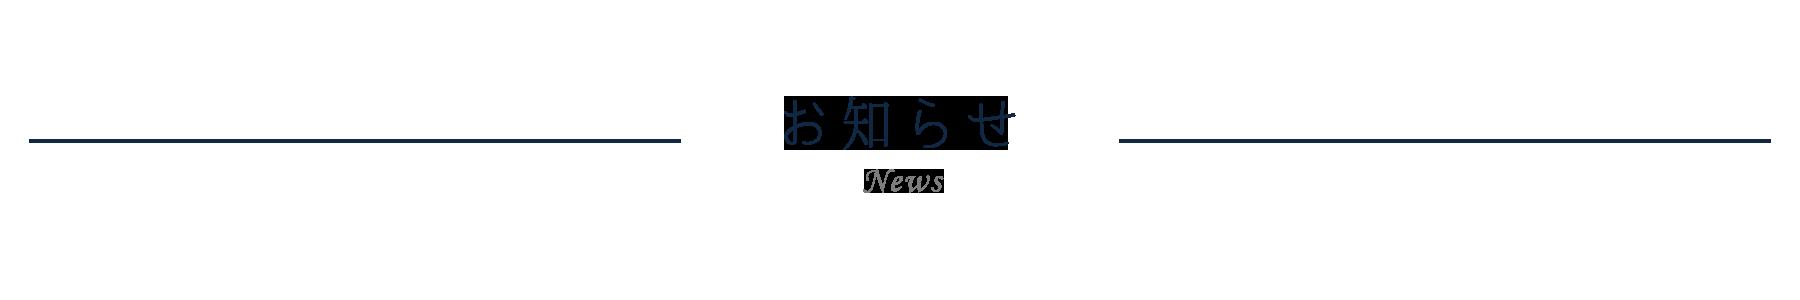 かき氷山田屋お知らせ